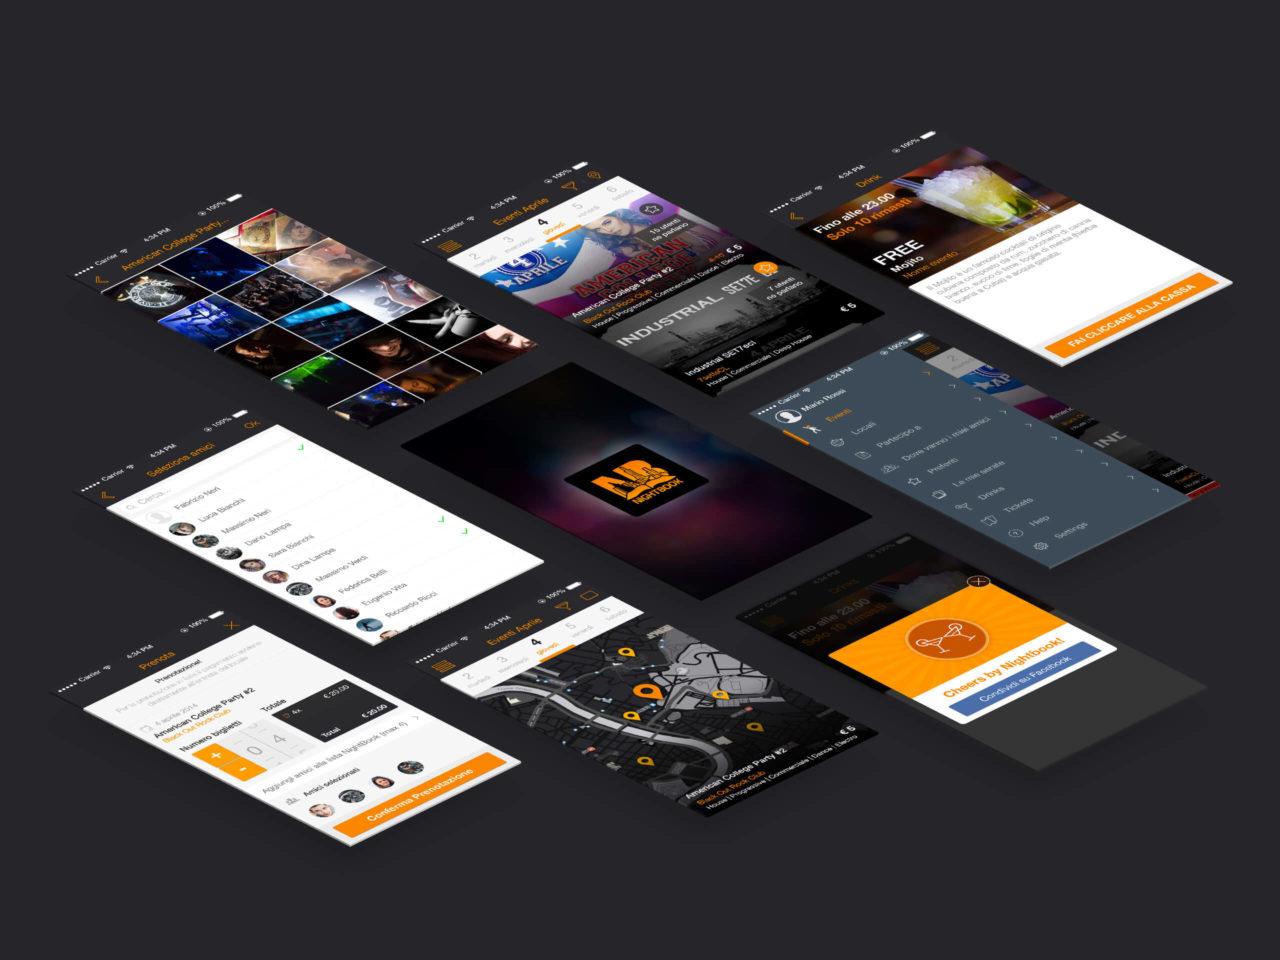 nightbook-app-screens